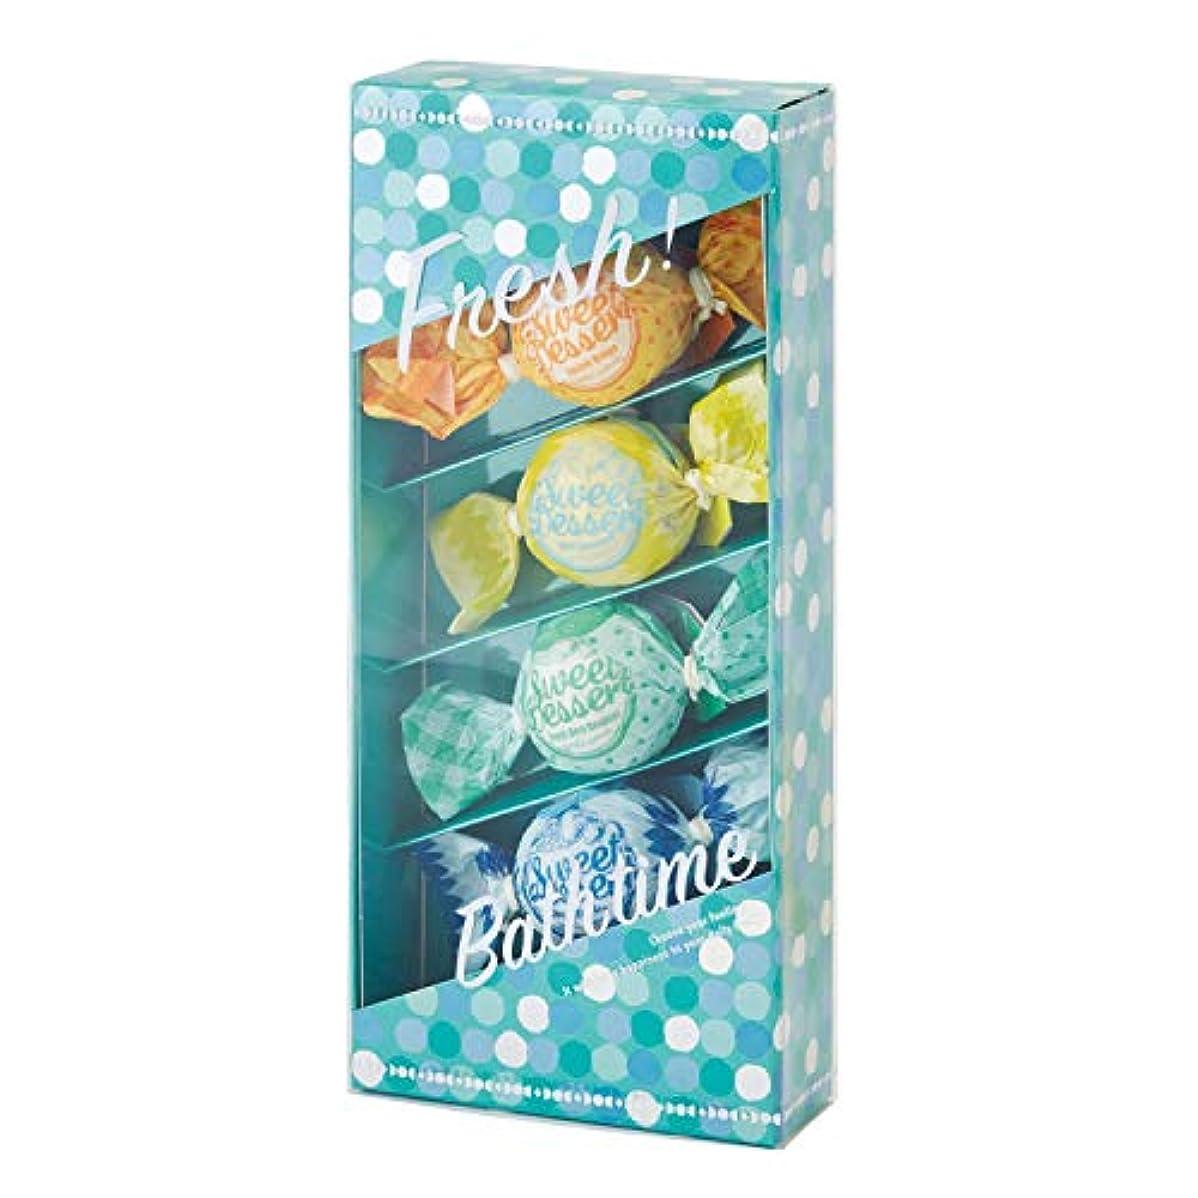 ピークワンダーキャベツアマイワナ バスキャンディー4粒ギフトセット フレッシュ (発泡入浴料 バスギフト)